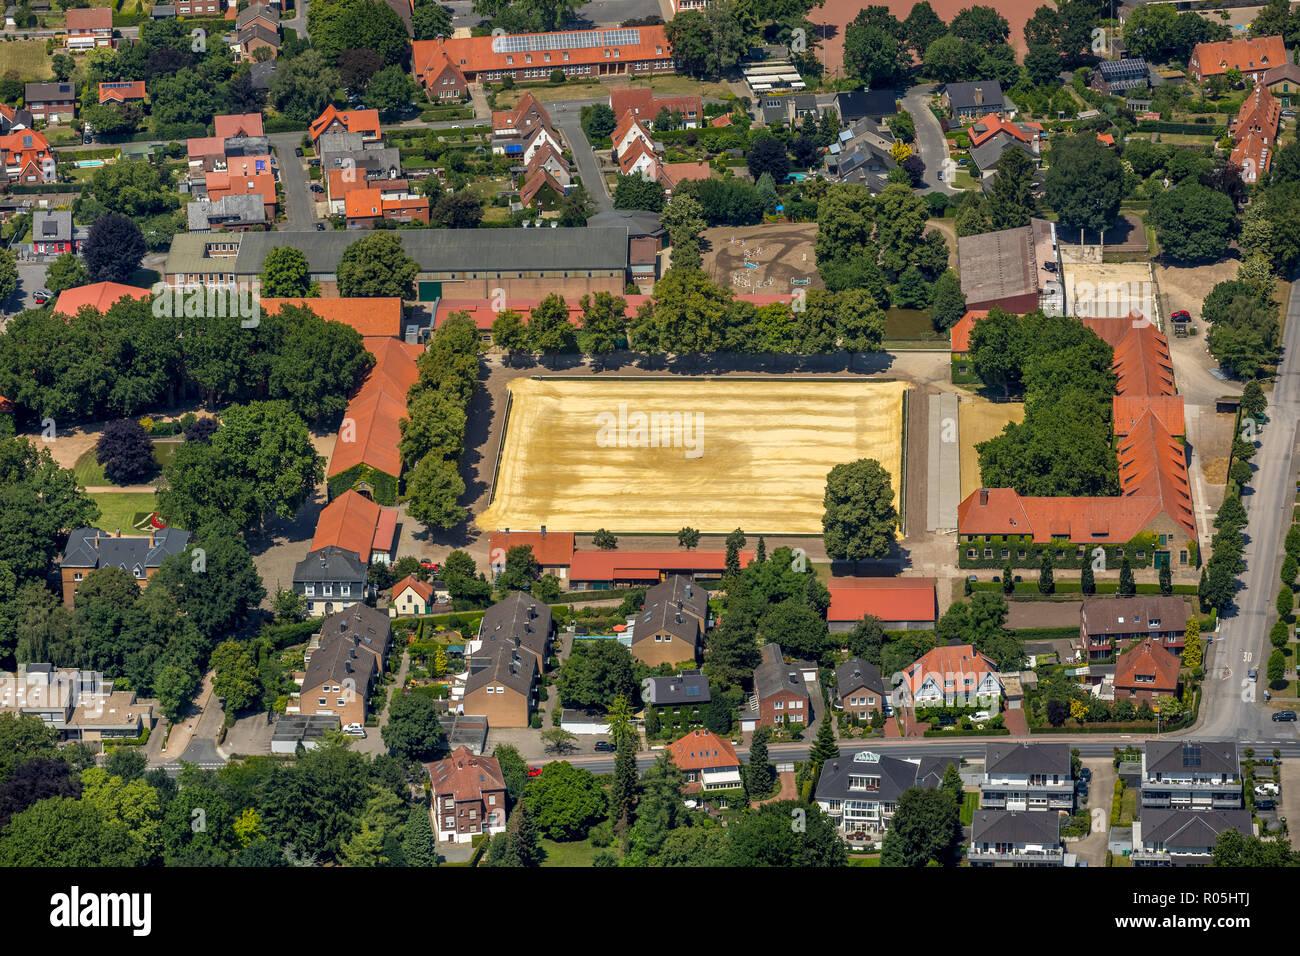 Aerial view, North Rhine-Westphalia state stud, Sassenberger road, Sternberg road, Warendorf, Münsterland, North Rhine-Westphalia, Germany, Europe, DE - Stock Image